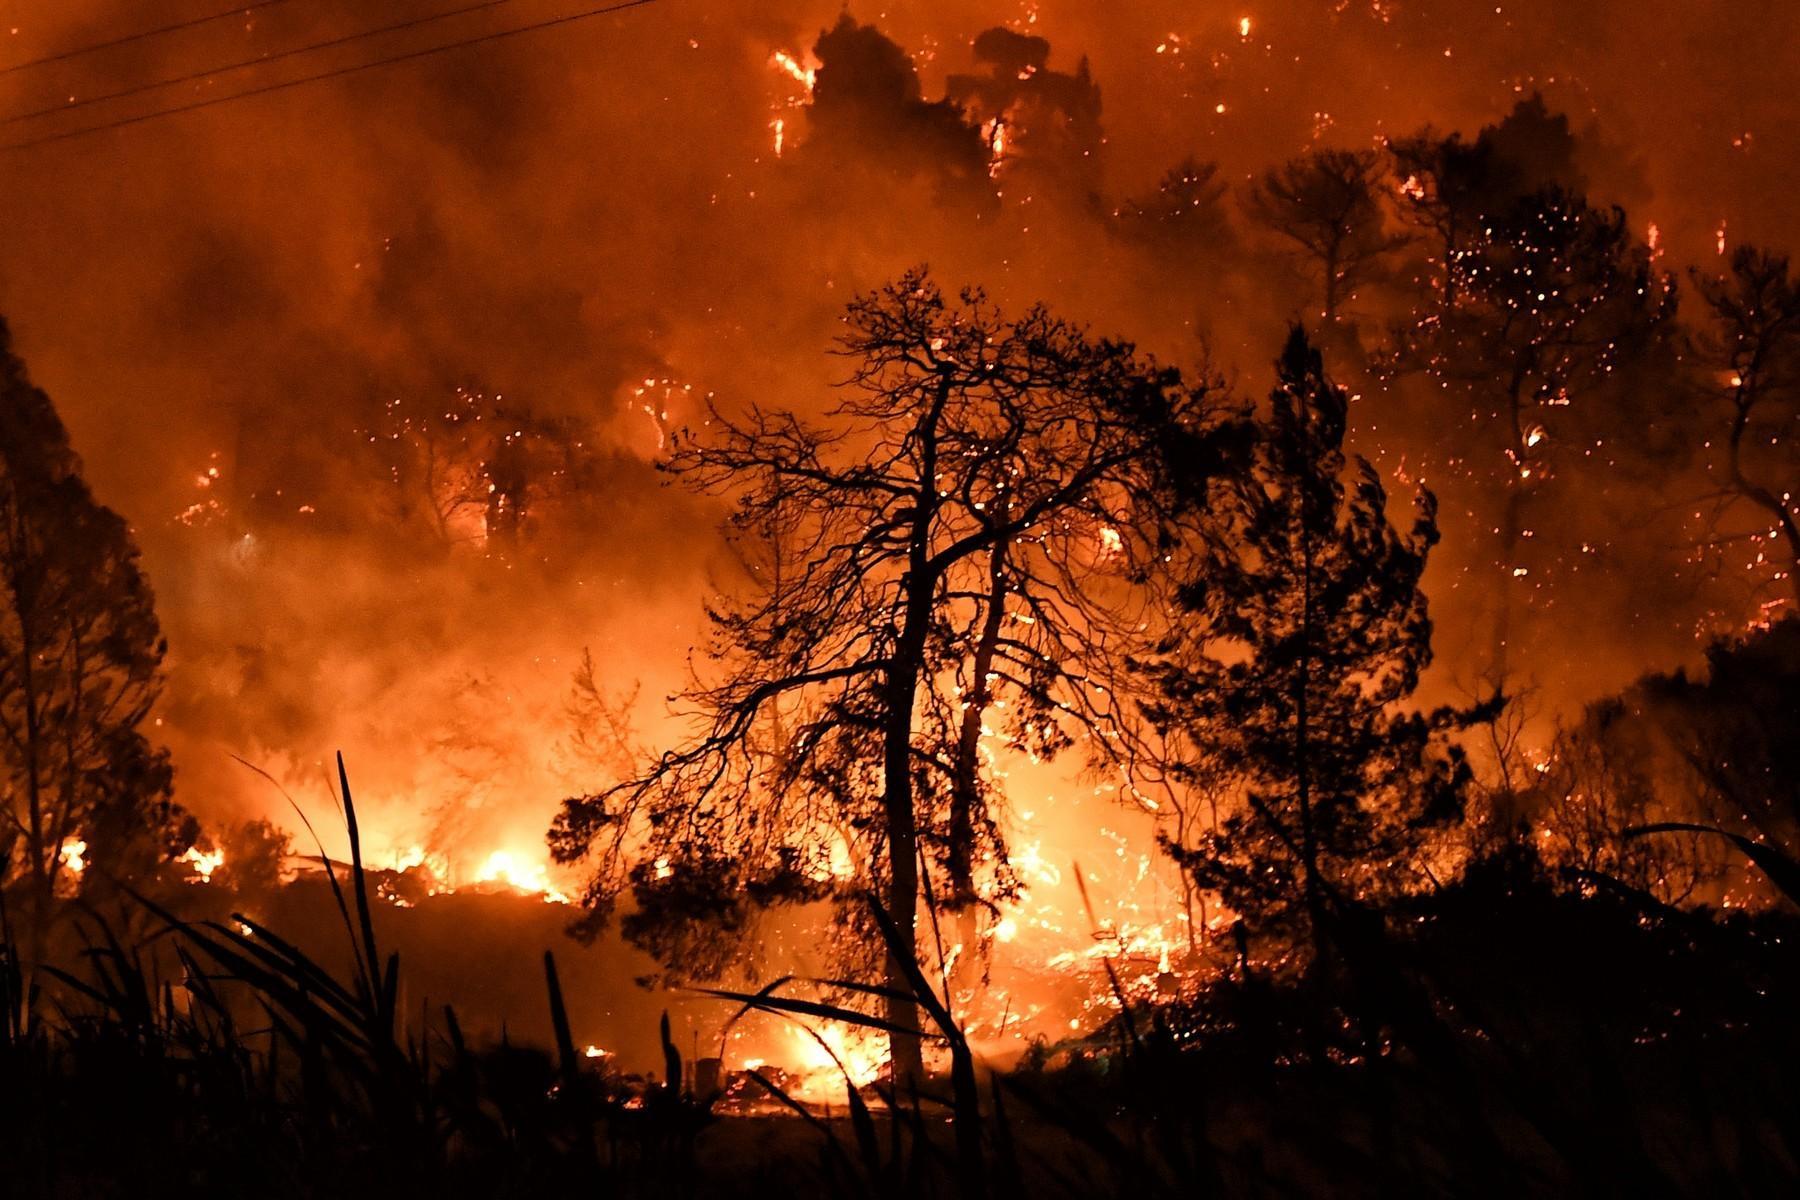 Incendiu puternic în Golful Corint din Grecia, în apropiere de Loutraki. Șase sate și două mănăstiri au fost evacuate